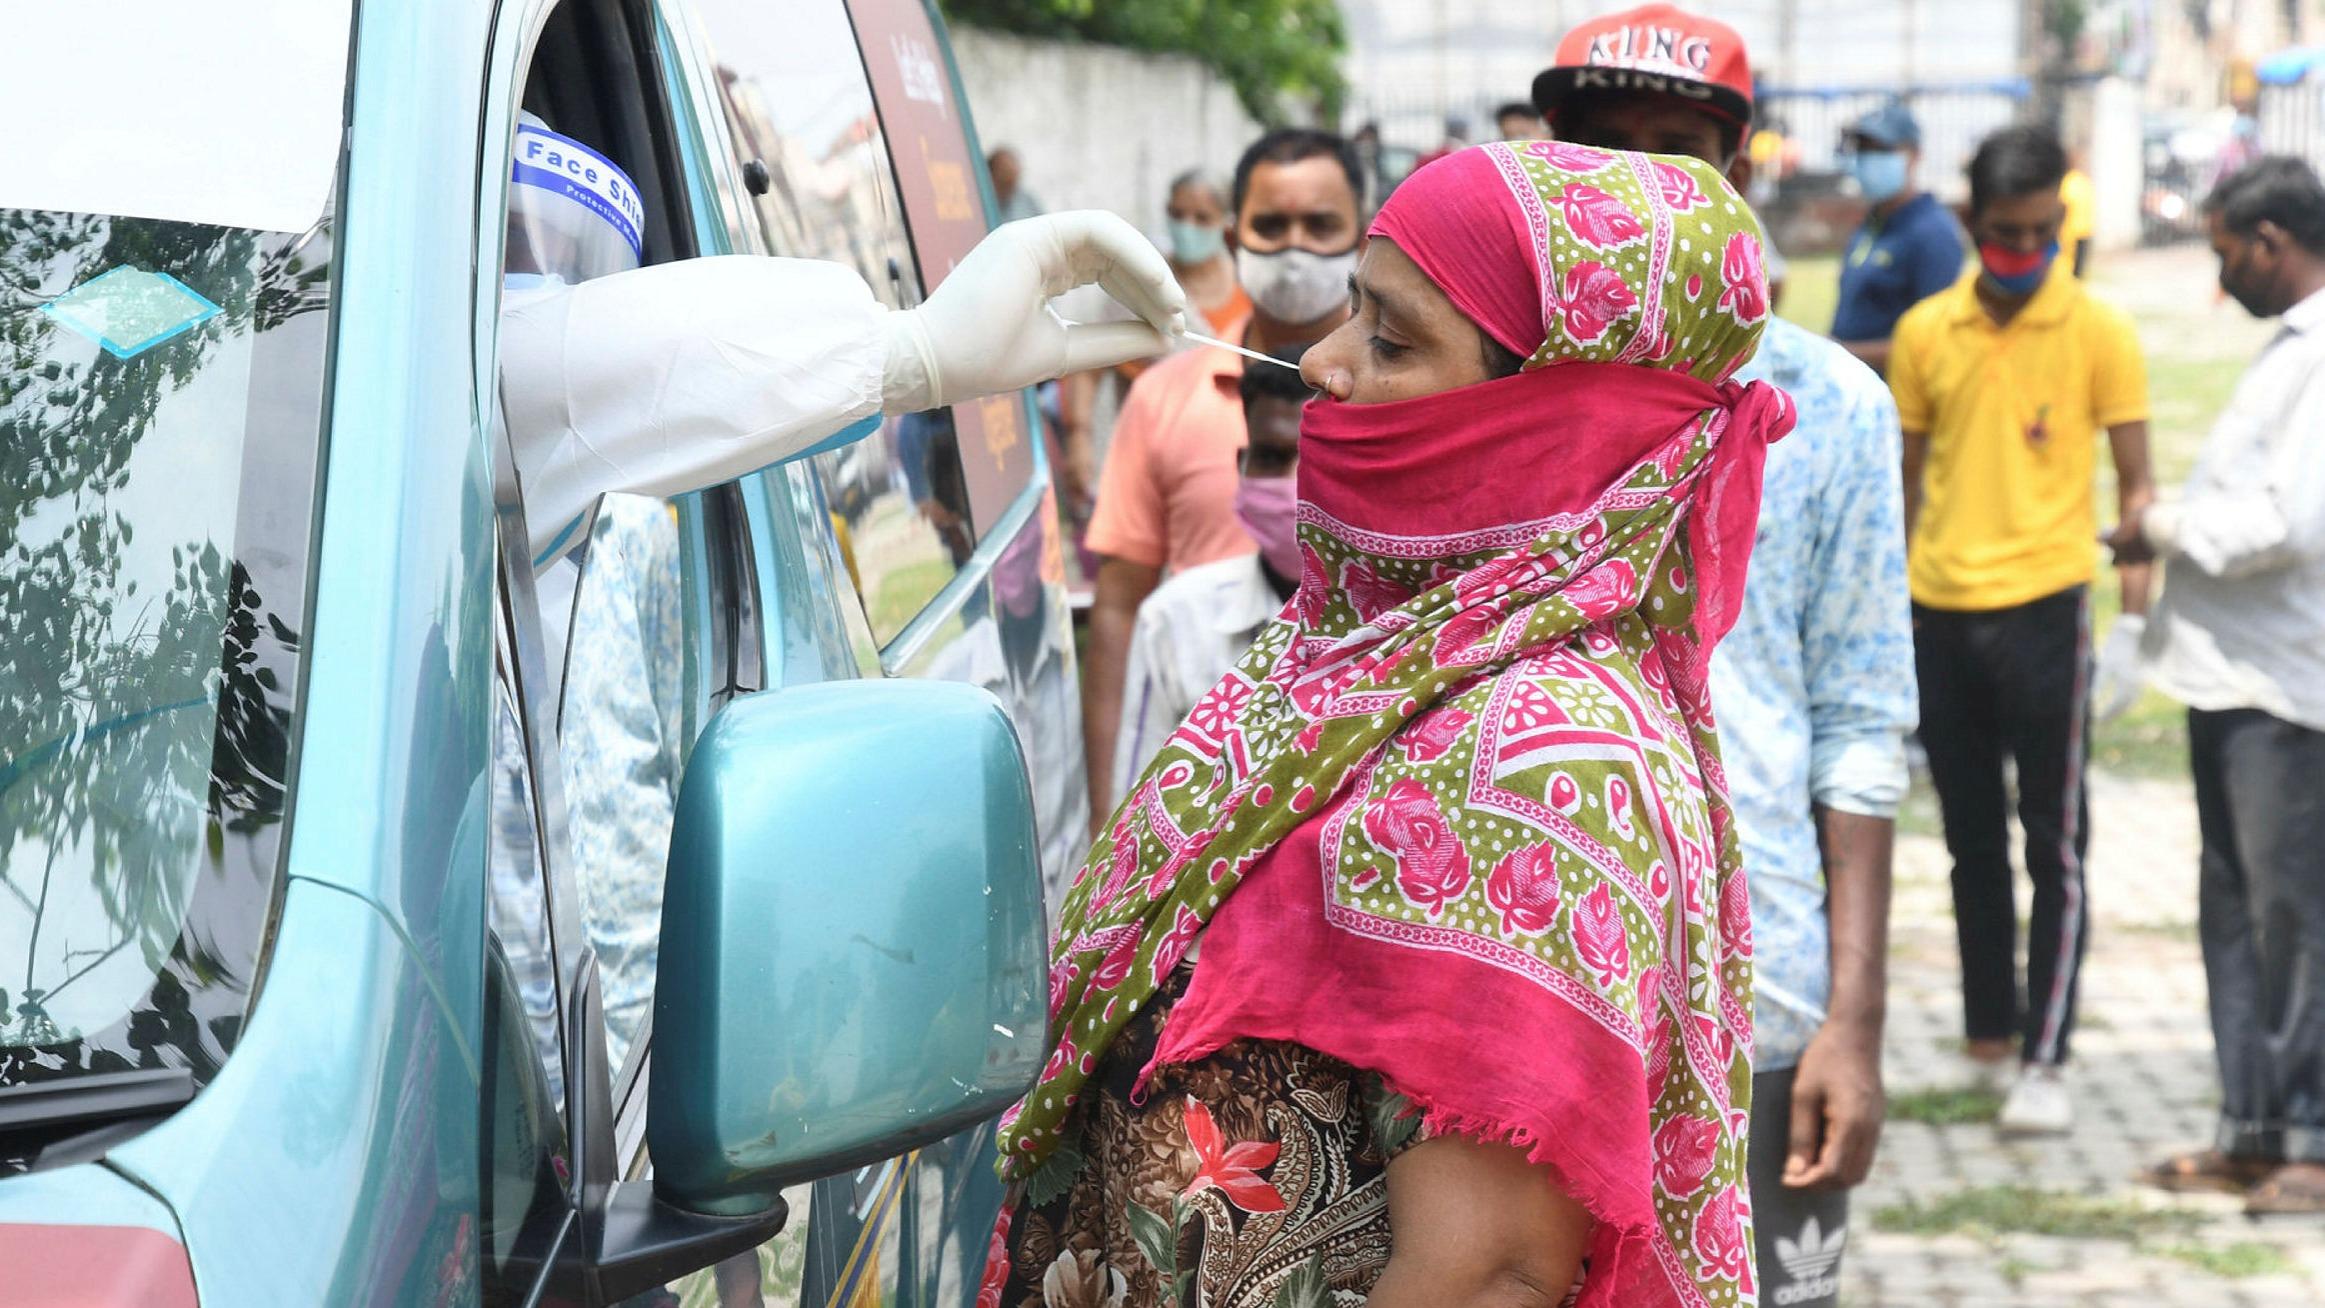 भारतमा कोरोना सङ्क्रमणको डरलाग्दो अवस्था, एकैदिन २ लाख बढी संक्रमित